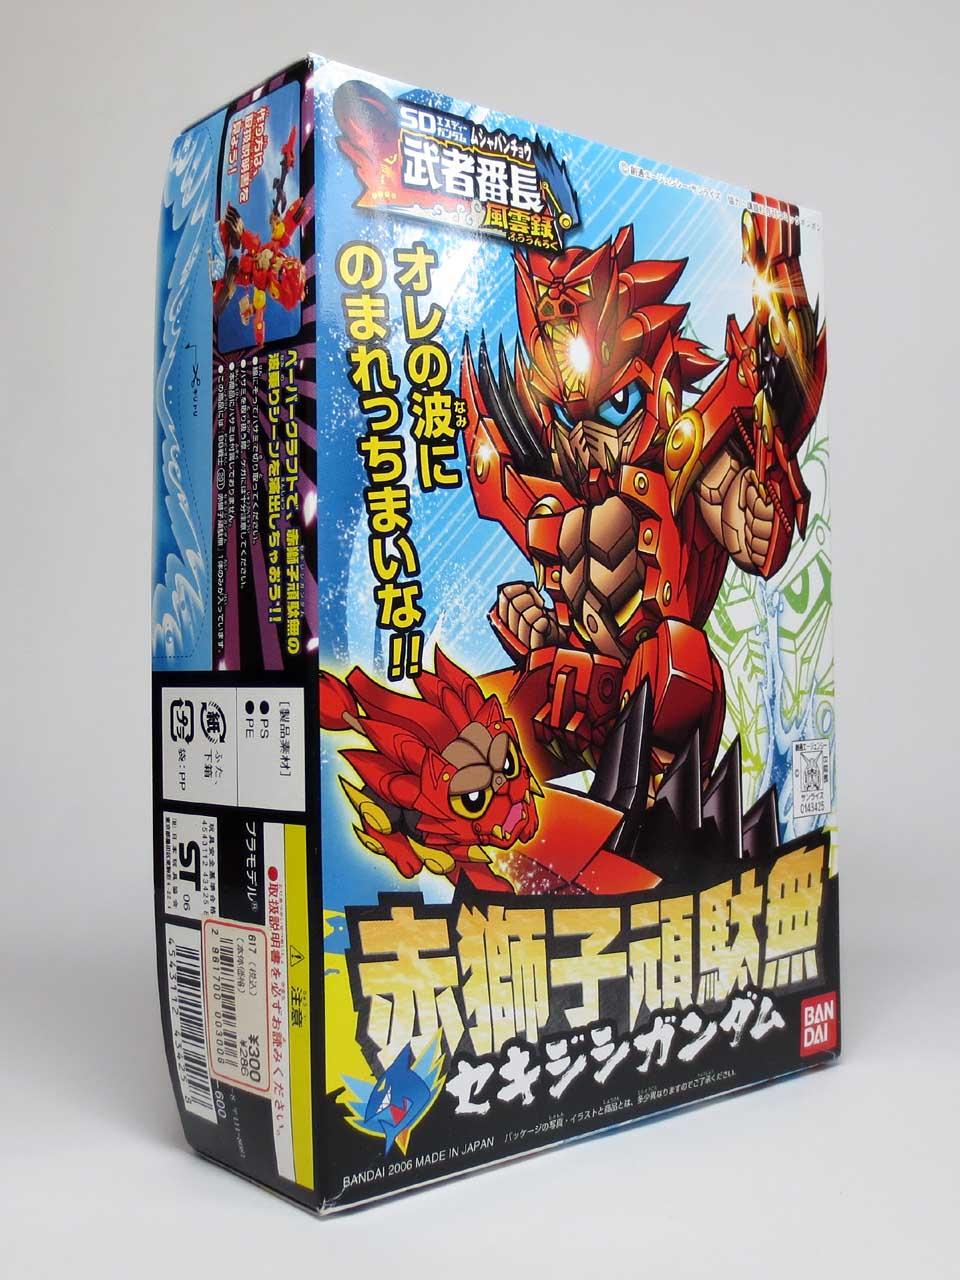 BB291_Sekijishi_Gundam_01.jpg